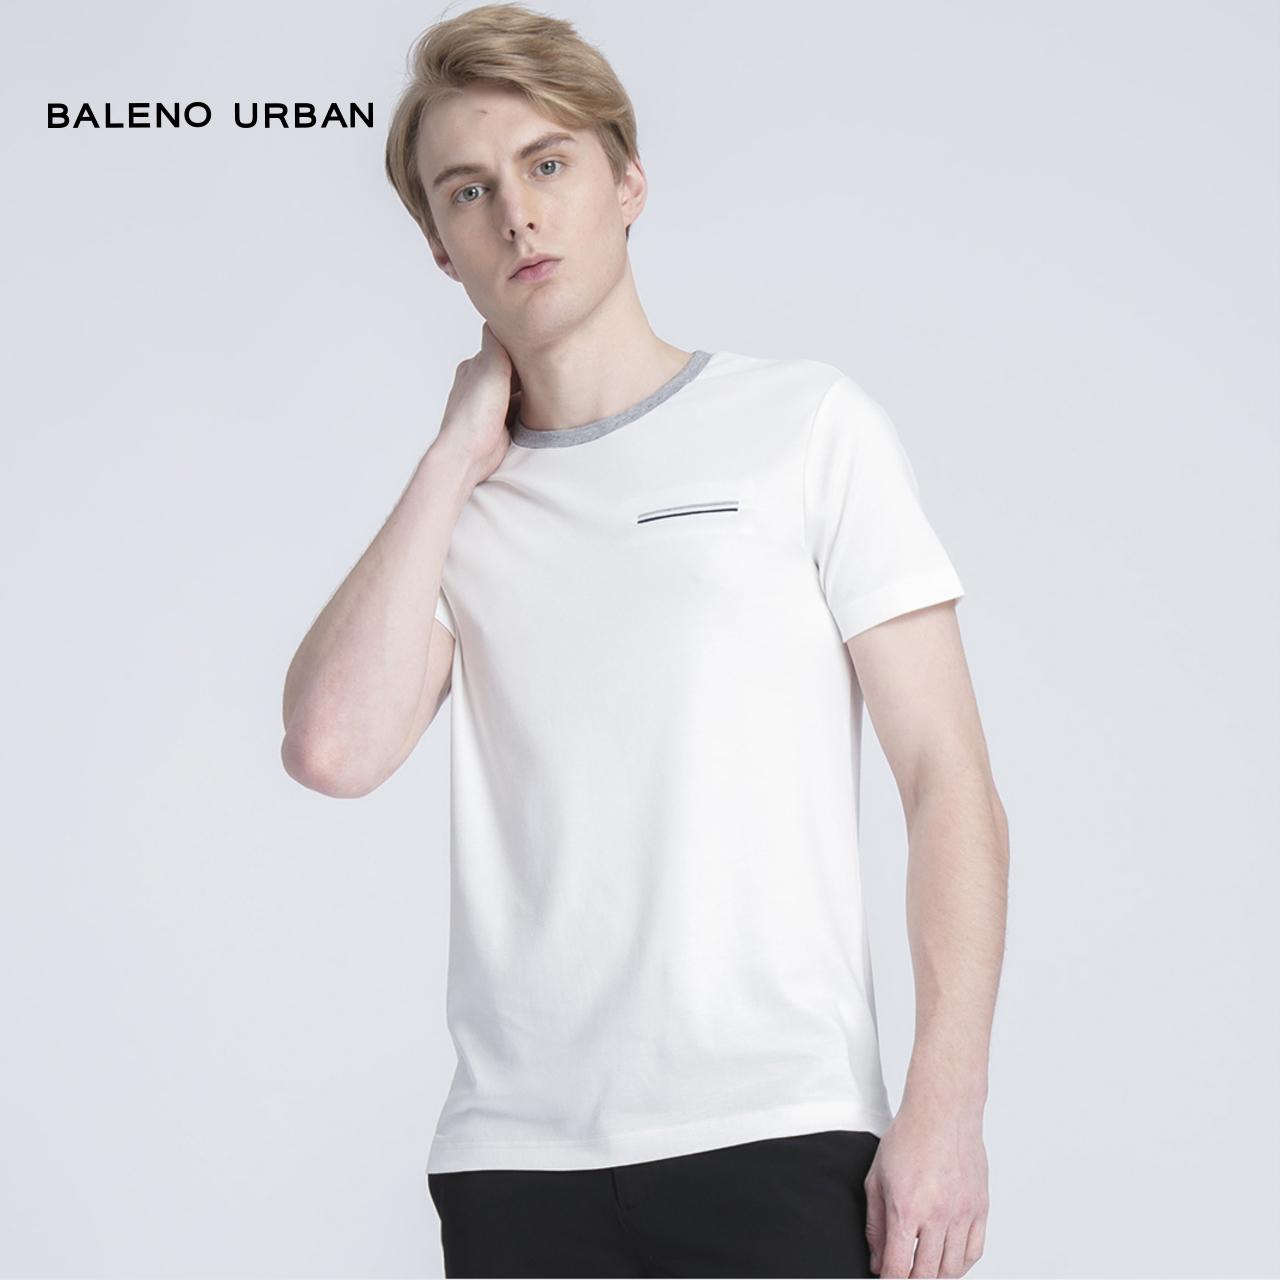 Baleno班尼路短袖男 纯色口袋T恤男 宽松纯棉白色t恤打底半袖